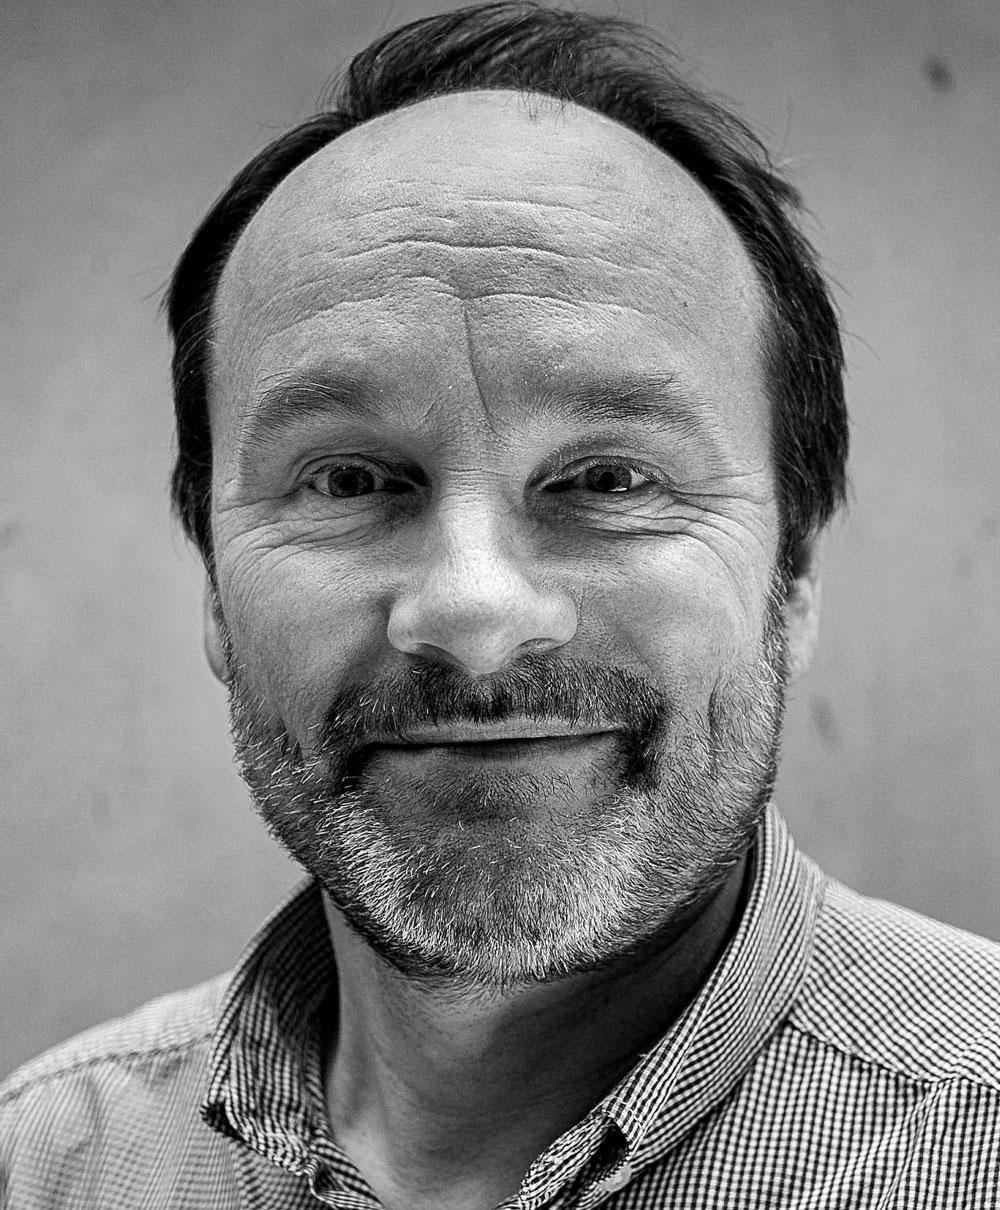 Headshot of Neil Evans